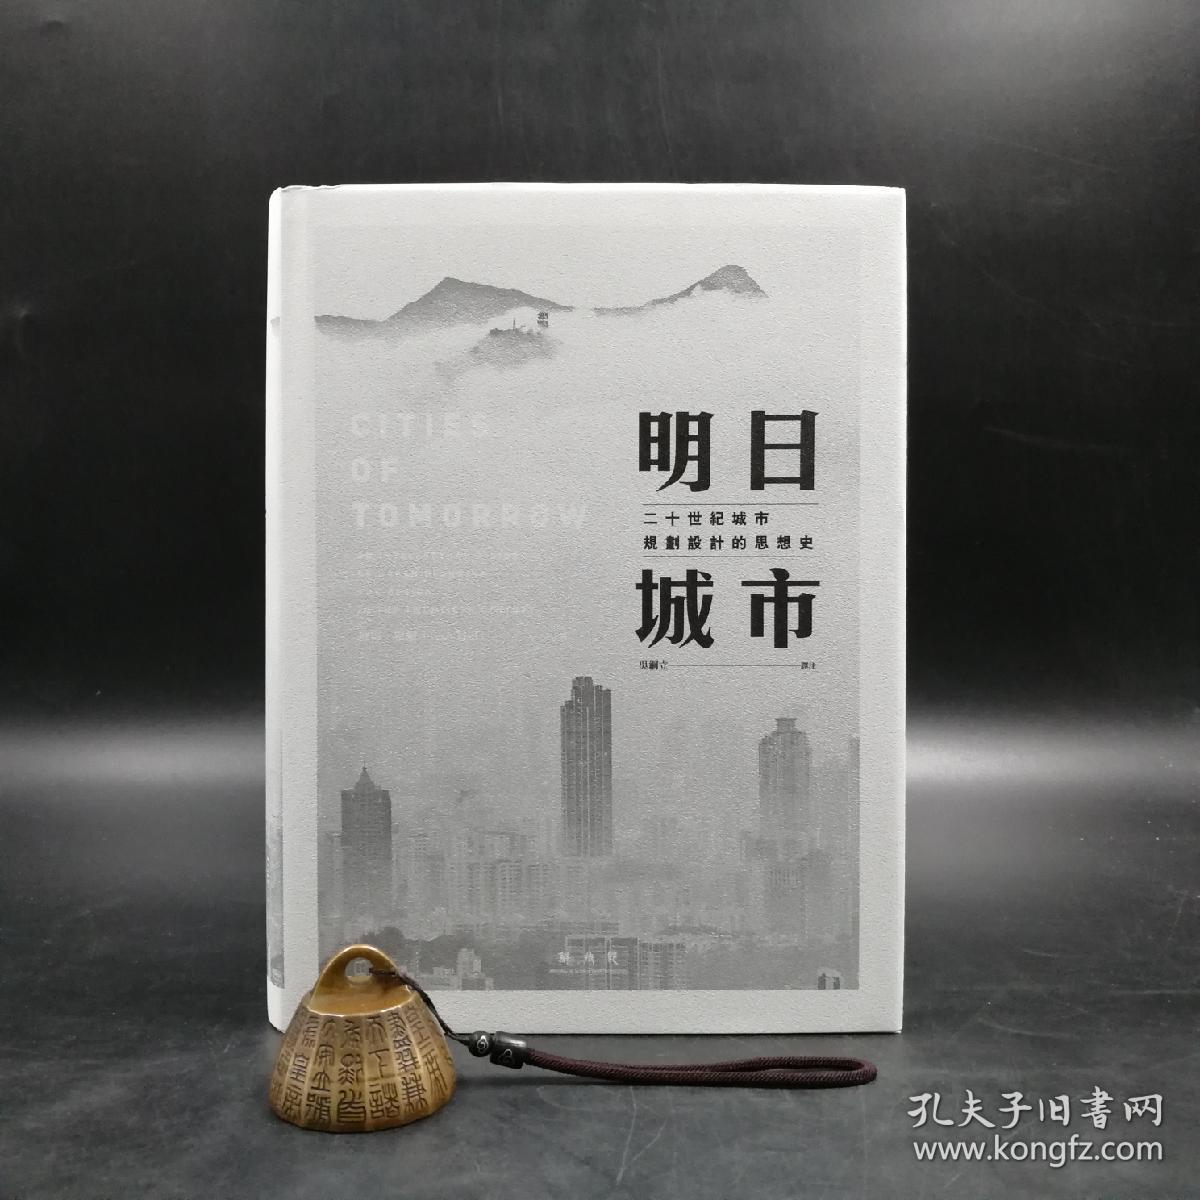 台湾联经版  彼得‧霍尔 著  吴纲立 译《明日城市》(精装)